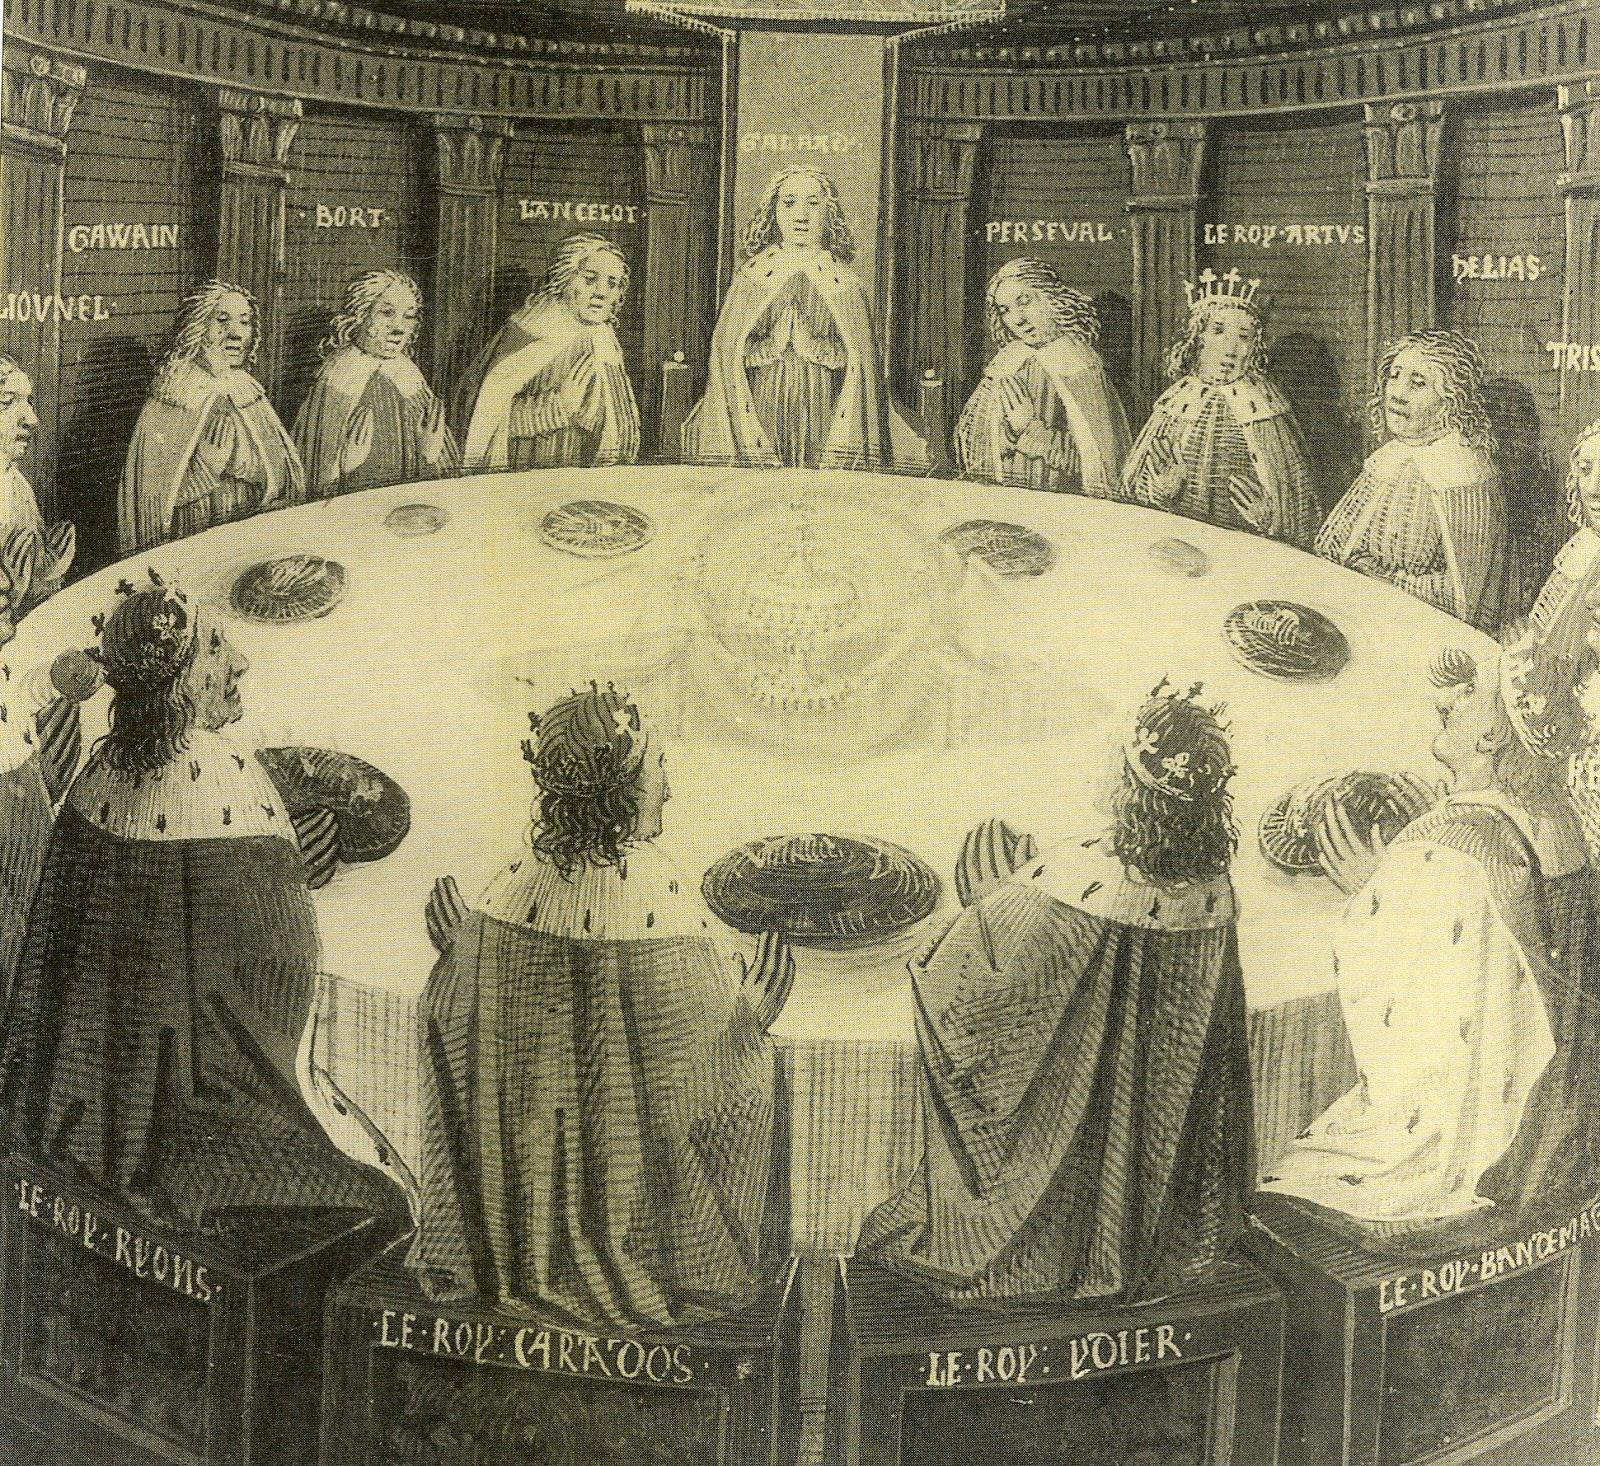 De qua e de la il santo graal parte seconda - Re artu ei cavalieri della tavola rotonda libro ...